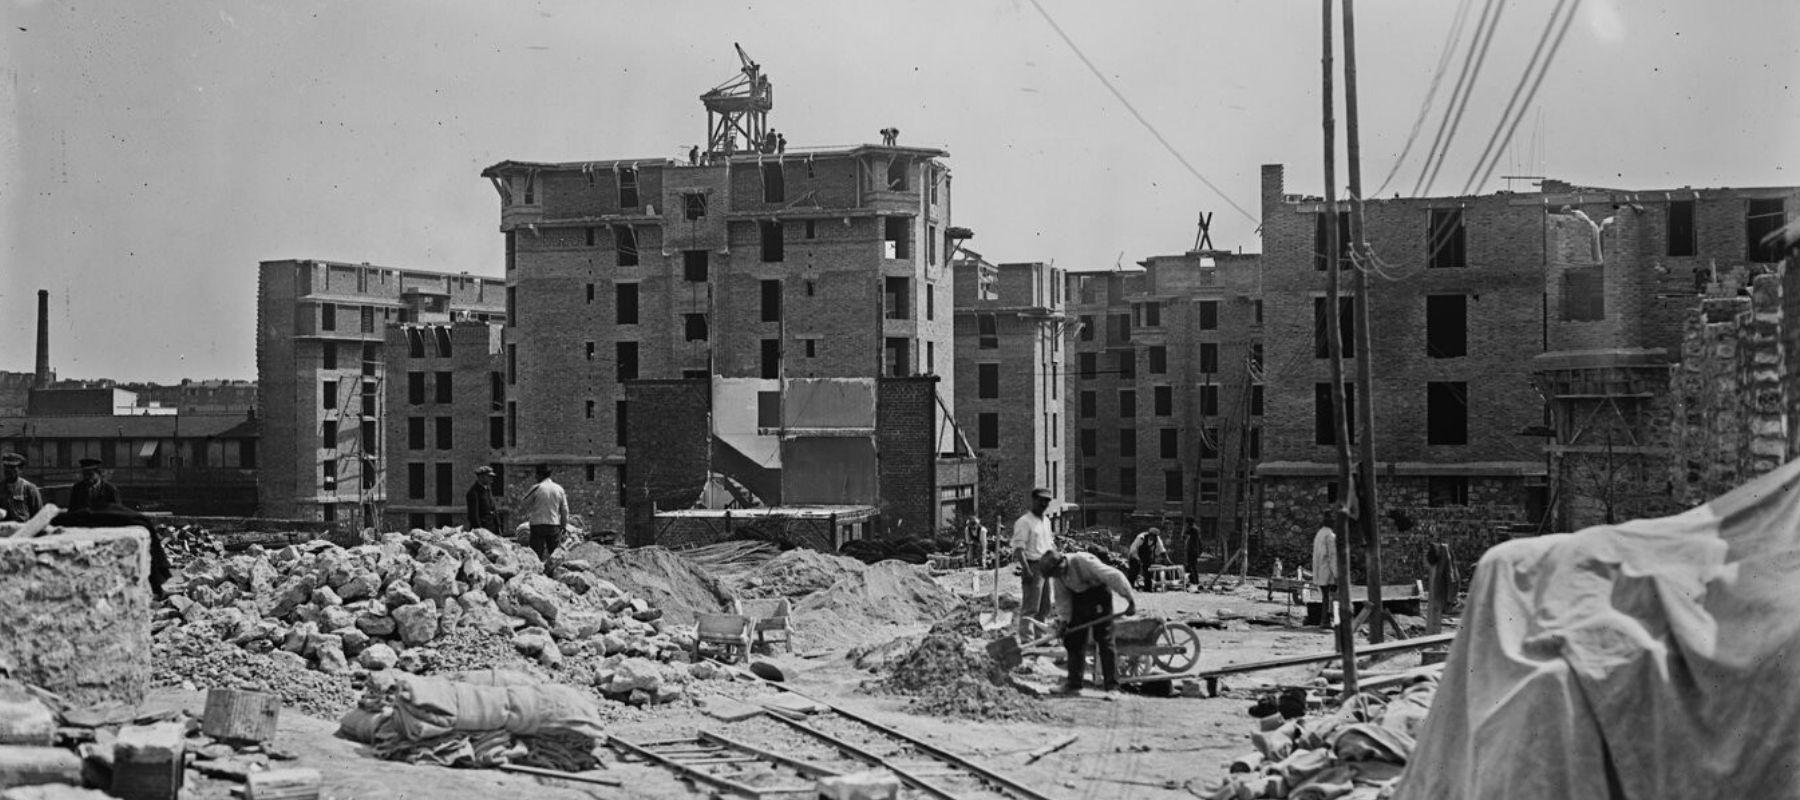 Les habitations à bon marché (HBM) à Paris, ancêtres des habitations à loyer modéré (HLM)